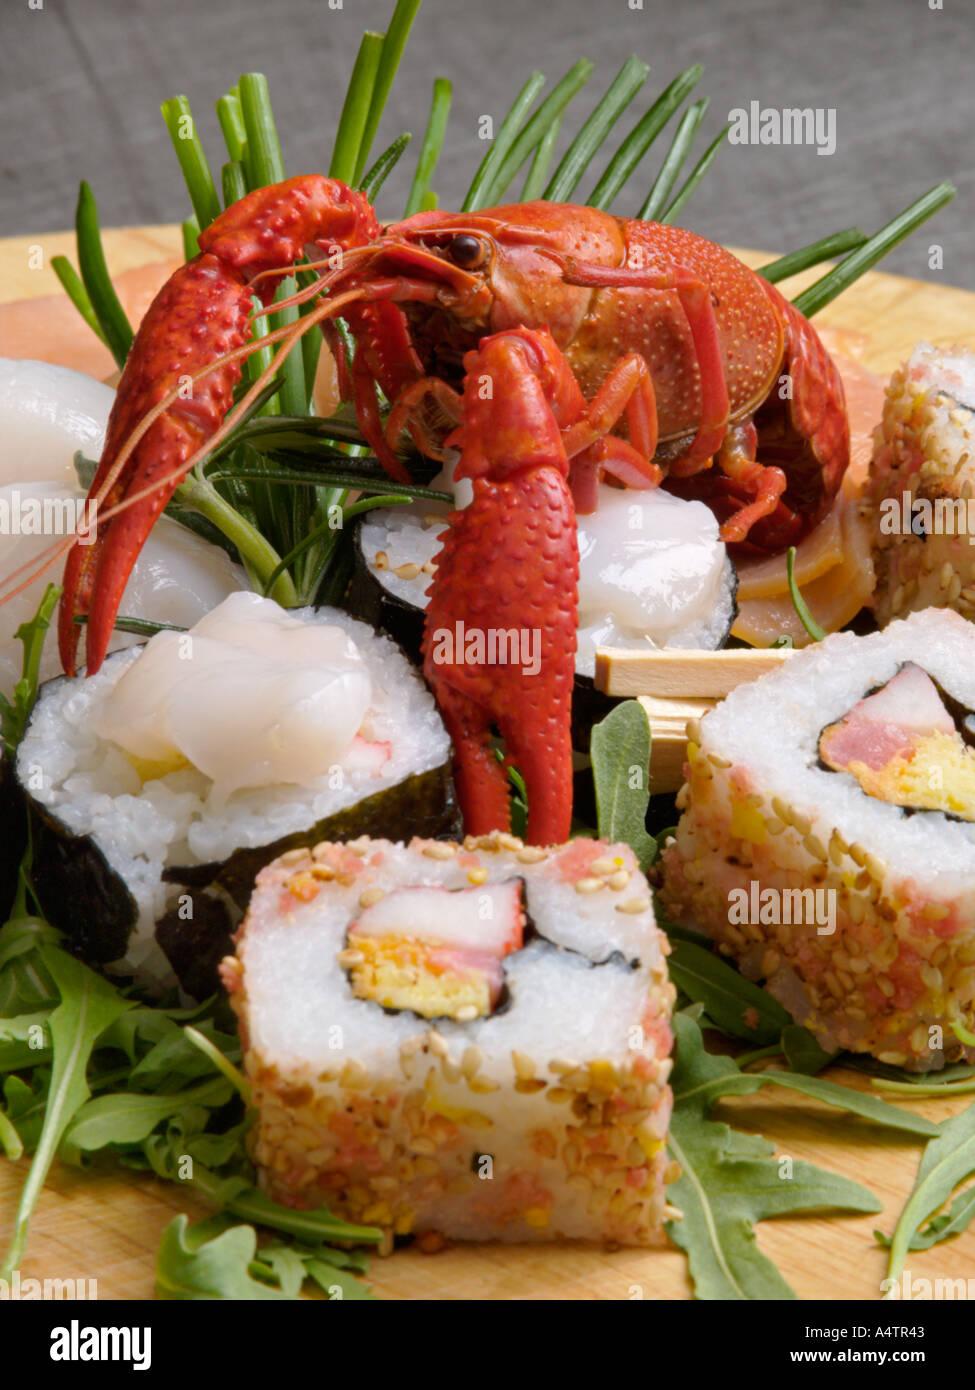 zwei arten von sushi mit leuchtend roten kleinen hummer japanische meeresfr chte roher fisch. Black Bedroom Furniture Sets. Home Design Ideas